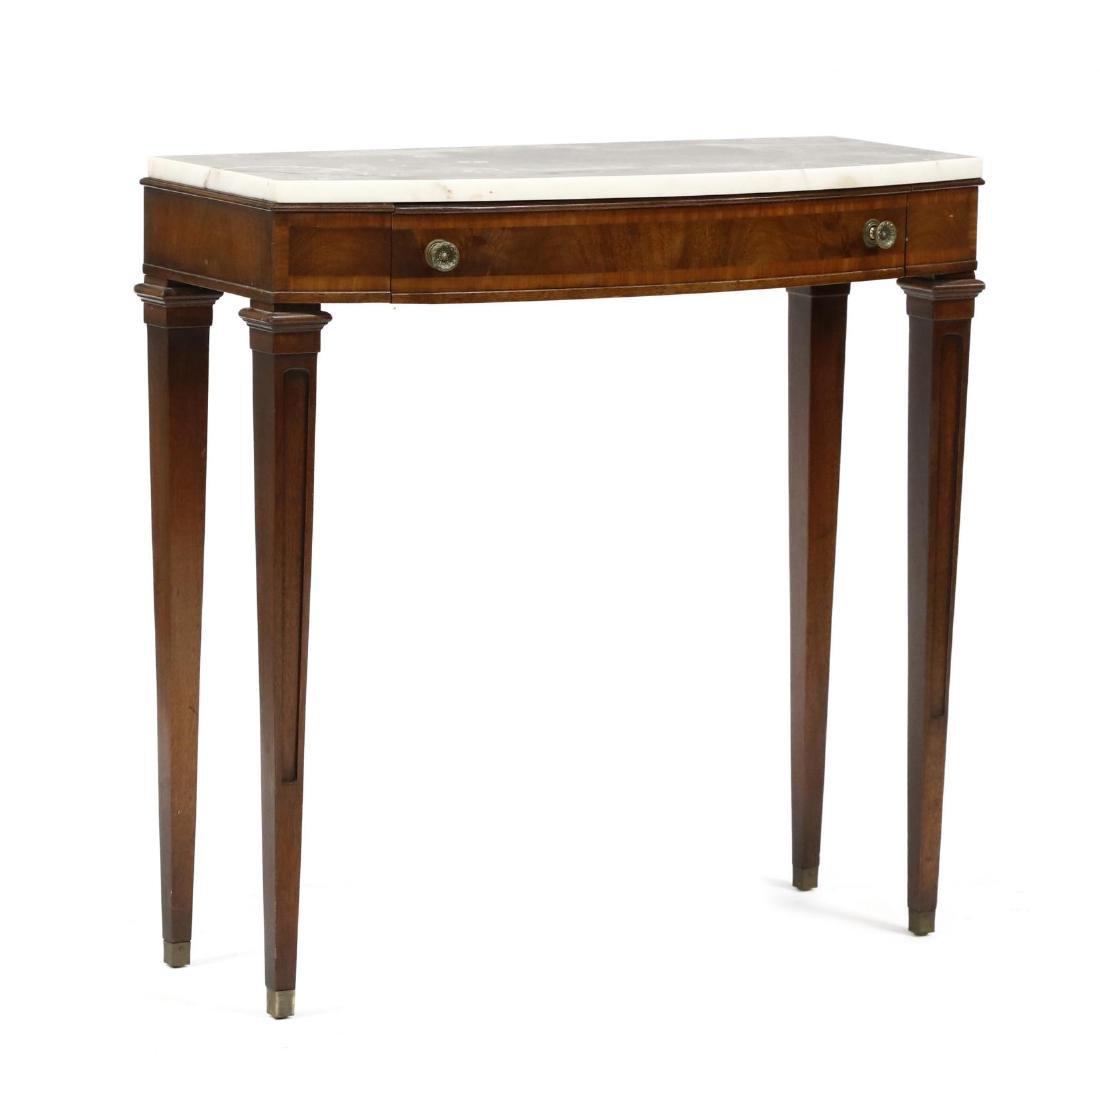 J. B. Van Sciver, Regency Style Marble Top Diminutive